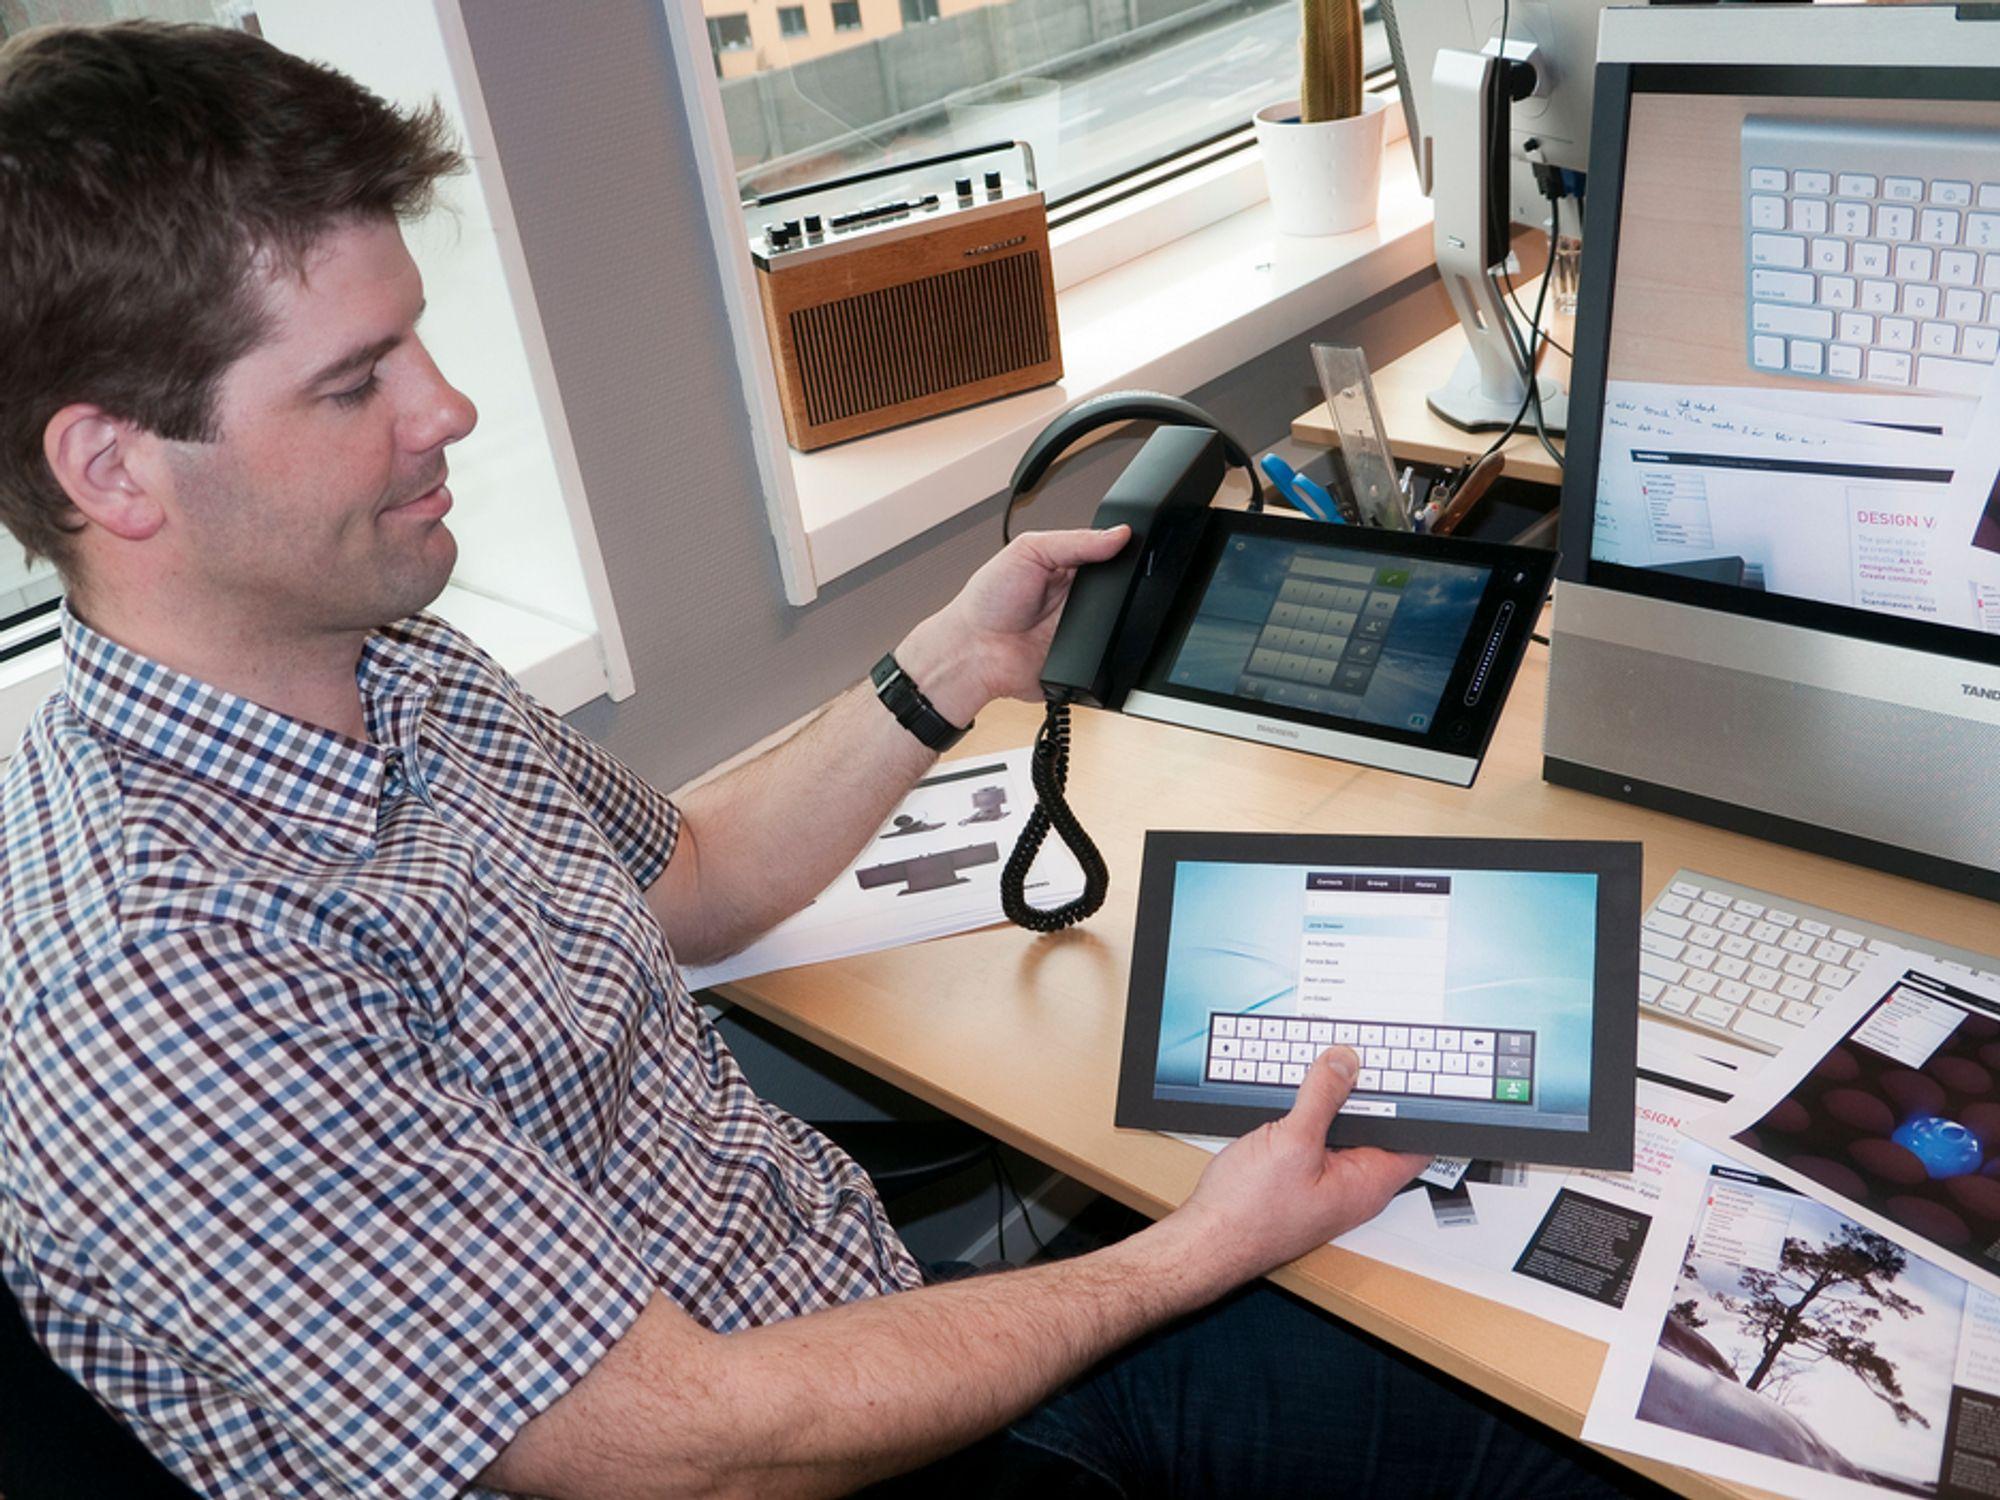 BERØRING: Designer Hallgrim Sagen har vært med på å utforme kontrollenheten InTouch, styrer alle funksjoner i systemet. Her viser han frem en realistisk modell i papp (nederst) og den endelige versjonen med en 8 tommer stor kapasitiv berøringsskjerm.